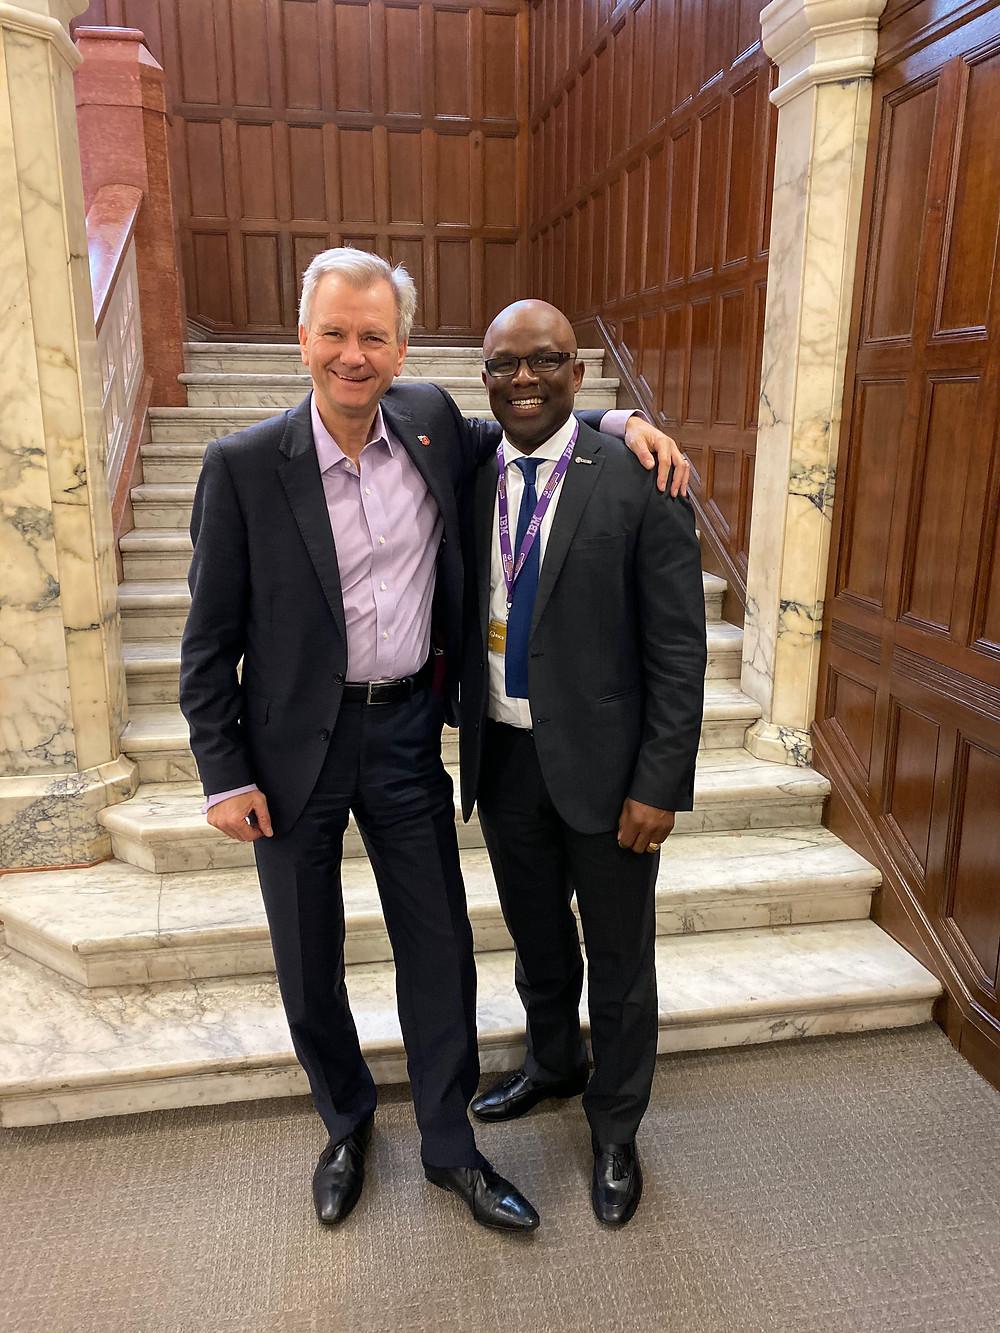 Alan Muse, RICS and Bola Abisogun OBE, DCS